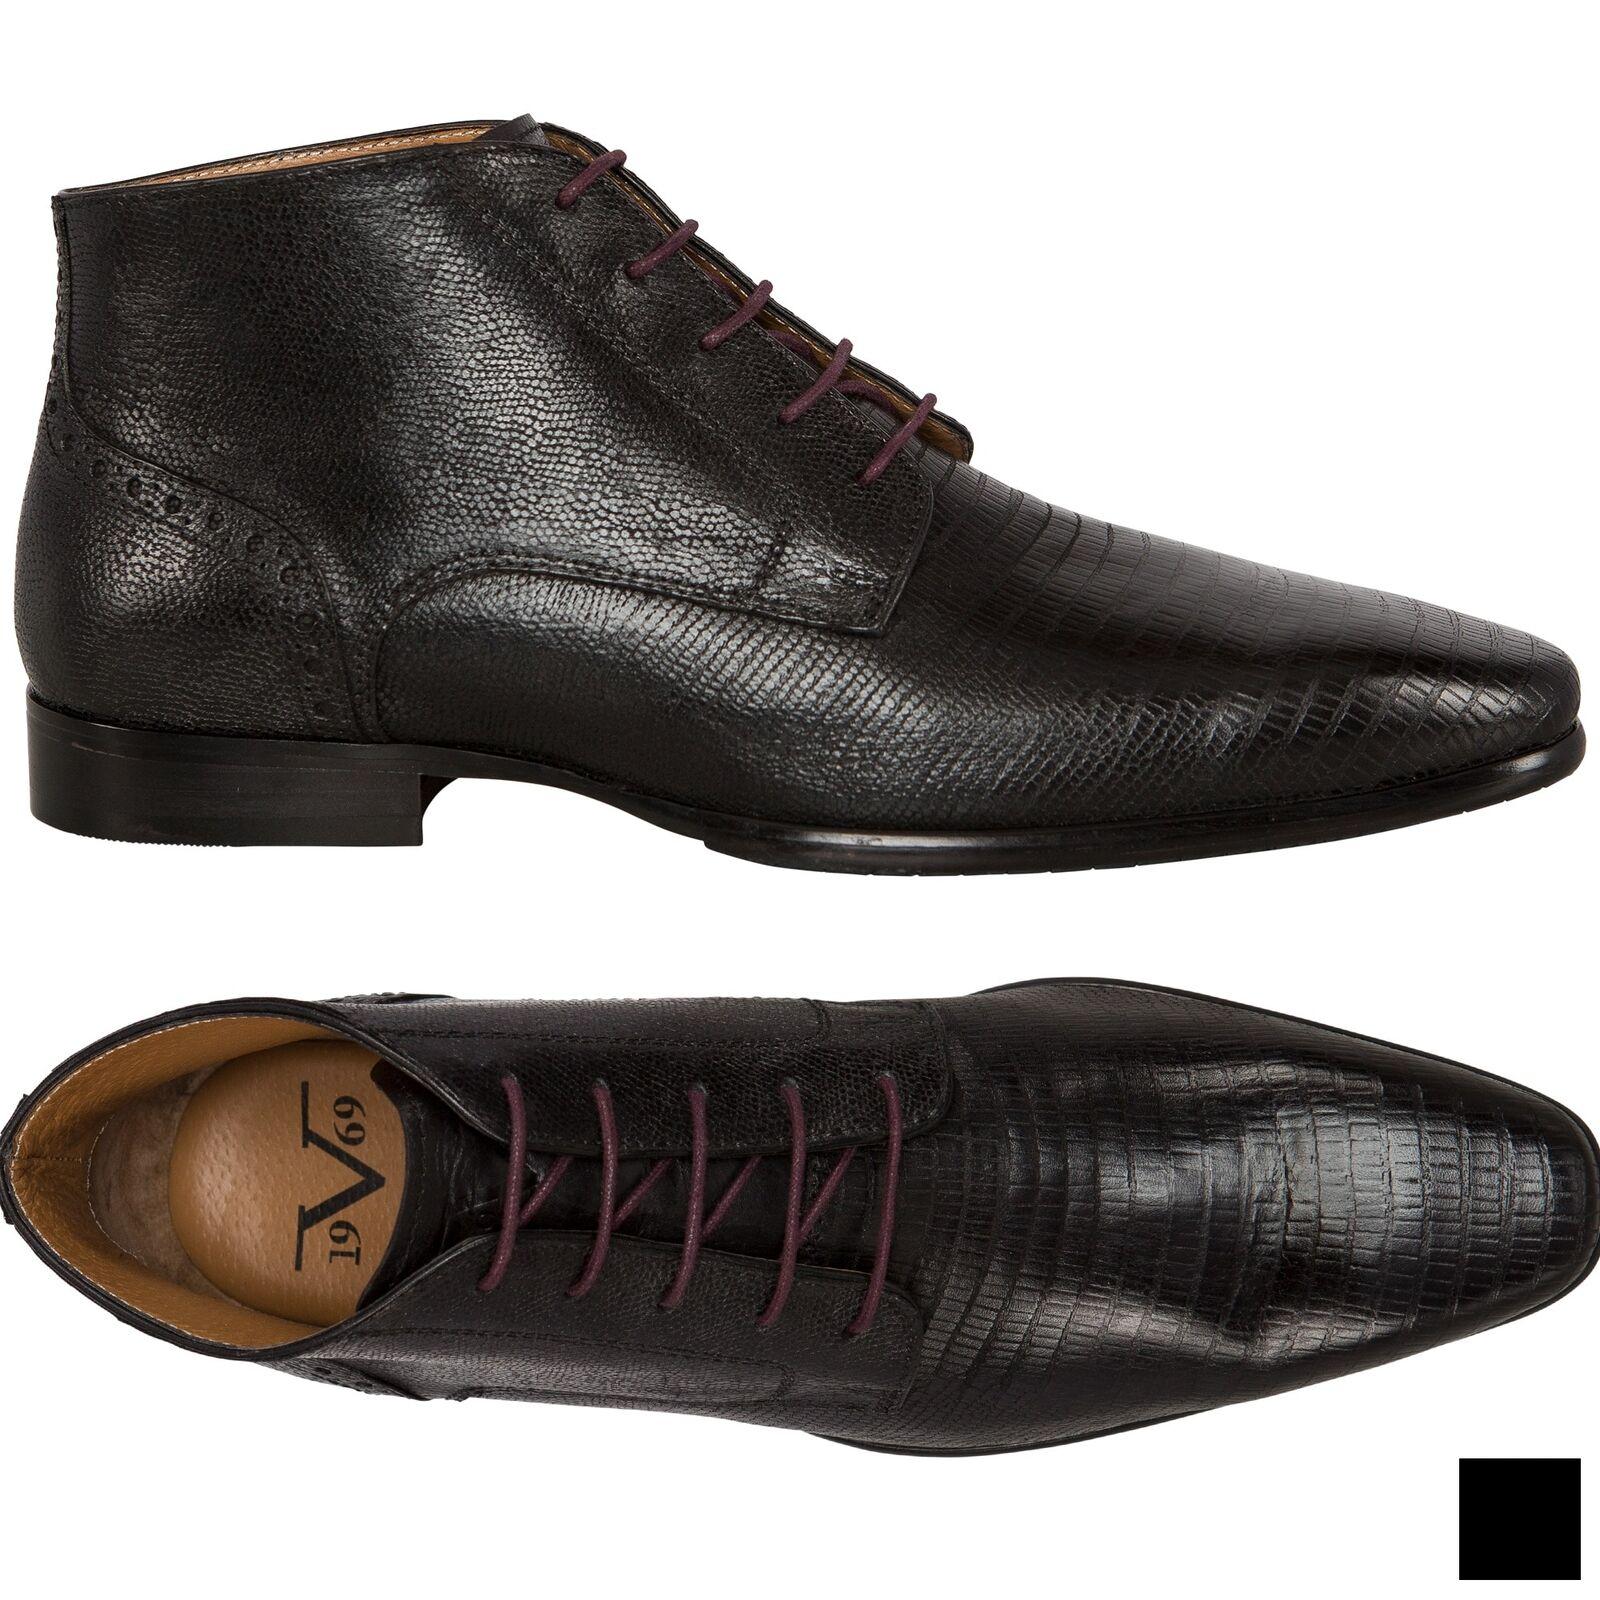 19V69 Versace 1969 Leder Business Stiefel, Herren (V49)